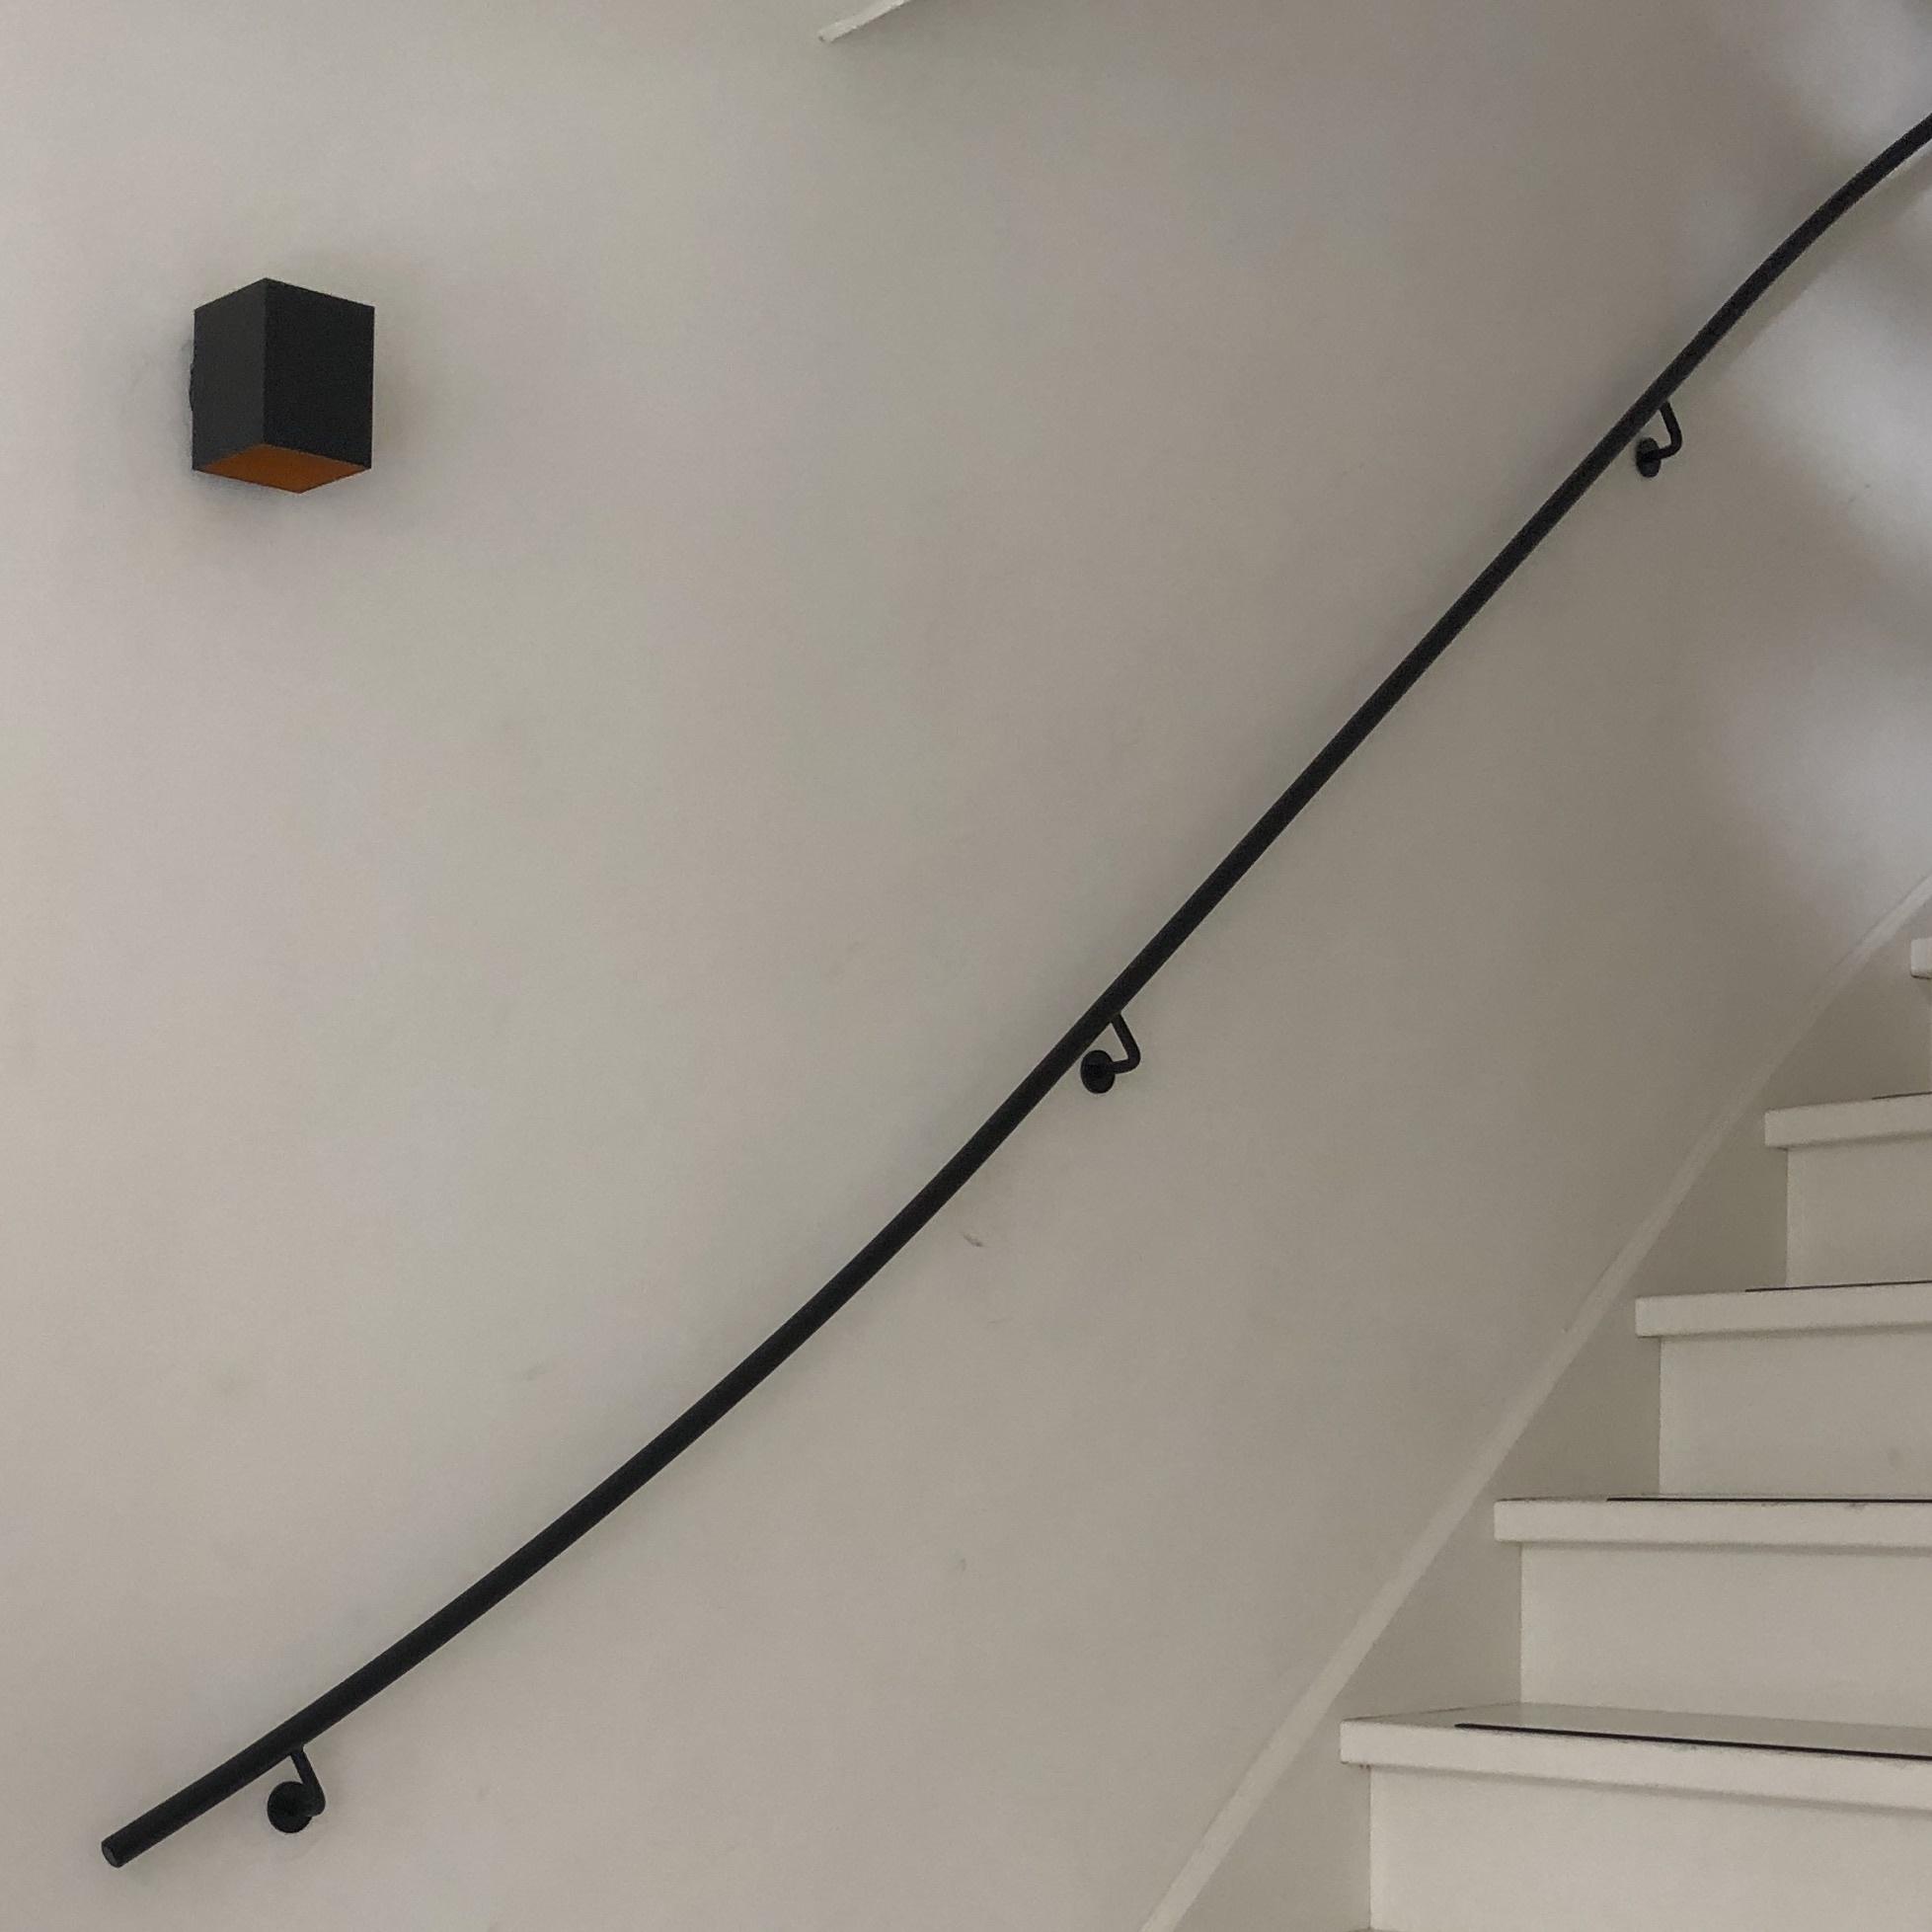 Smeedijzer trapleuning rond 20 mm massief - ZWART gecoat - Incl. dragers rond (blind) met rozet (rond) - VOLLEDIG GELAST - Gietijzeren leuning incl. dragers gelast & zwarte fijnstructuur poedercoating